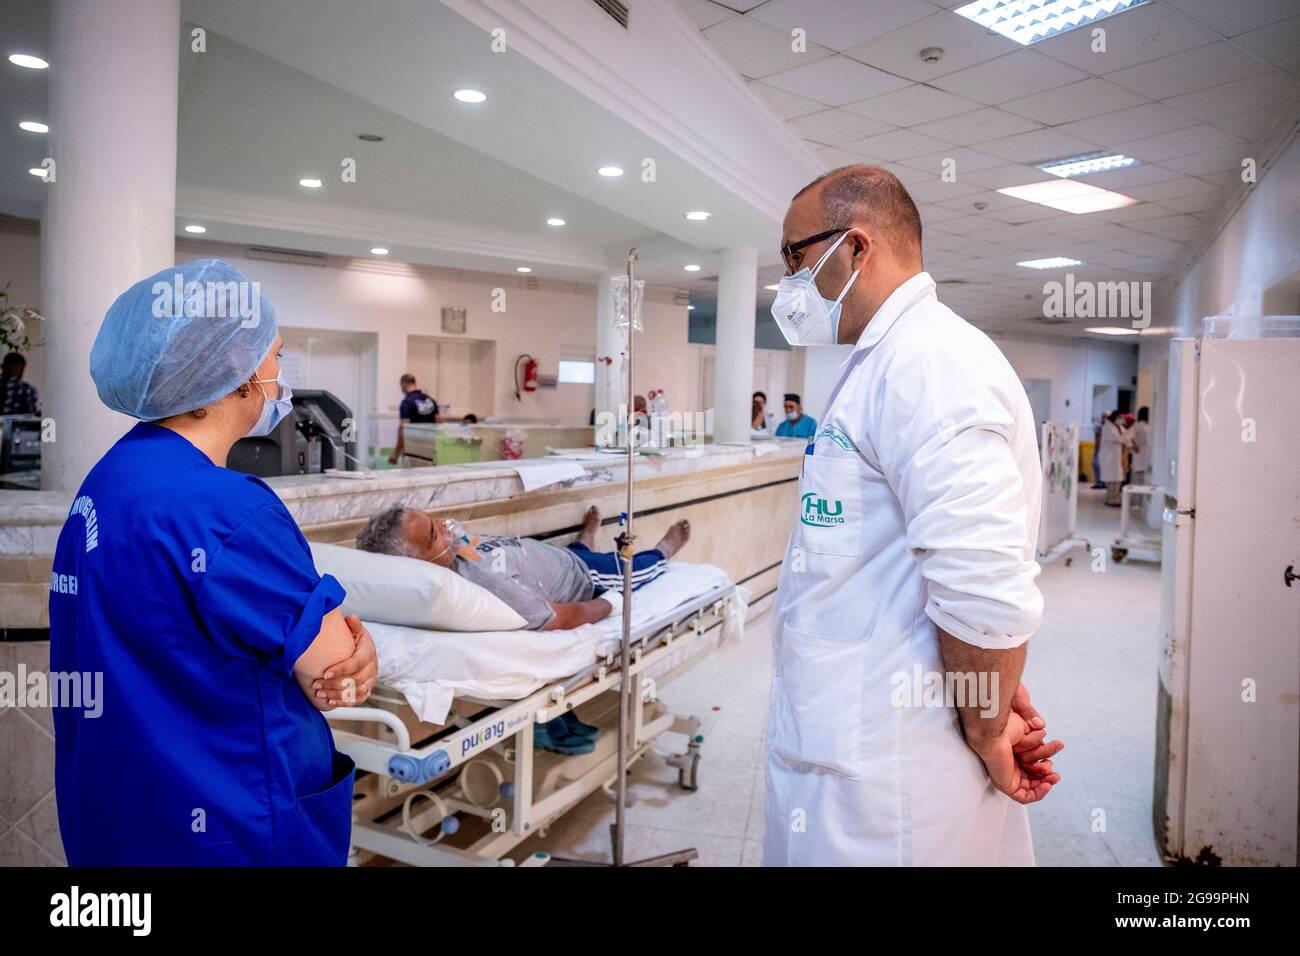 Au service des urgences de l'hôpital Mongi Slim à la Marsa, dans la banlieue nord de Tunis, en Tunisie, le 23 juillet 2021. Le chef du département, le Dr Nour Nouira, doit gérer avec son équipe une crise quotidienne très tendue Covid-19. Toutes les chambres, salles et couloirs du service sont réquisitionnés pour les cas Covid, tout en gérant les urgences quotidiennes. La tension du flux d'oxygène très sollicitée par la surcharge des patients est le problème majeur en plus de la sous-dotation du personnel vis-à-vis de la variante Delta. Photo de Nicolas Fauque/Images de Tunisie/ABACAPRESS.COM Banque D'Images